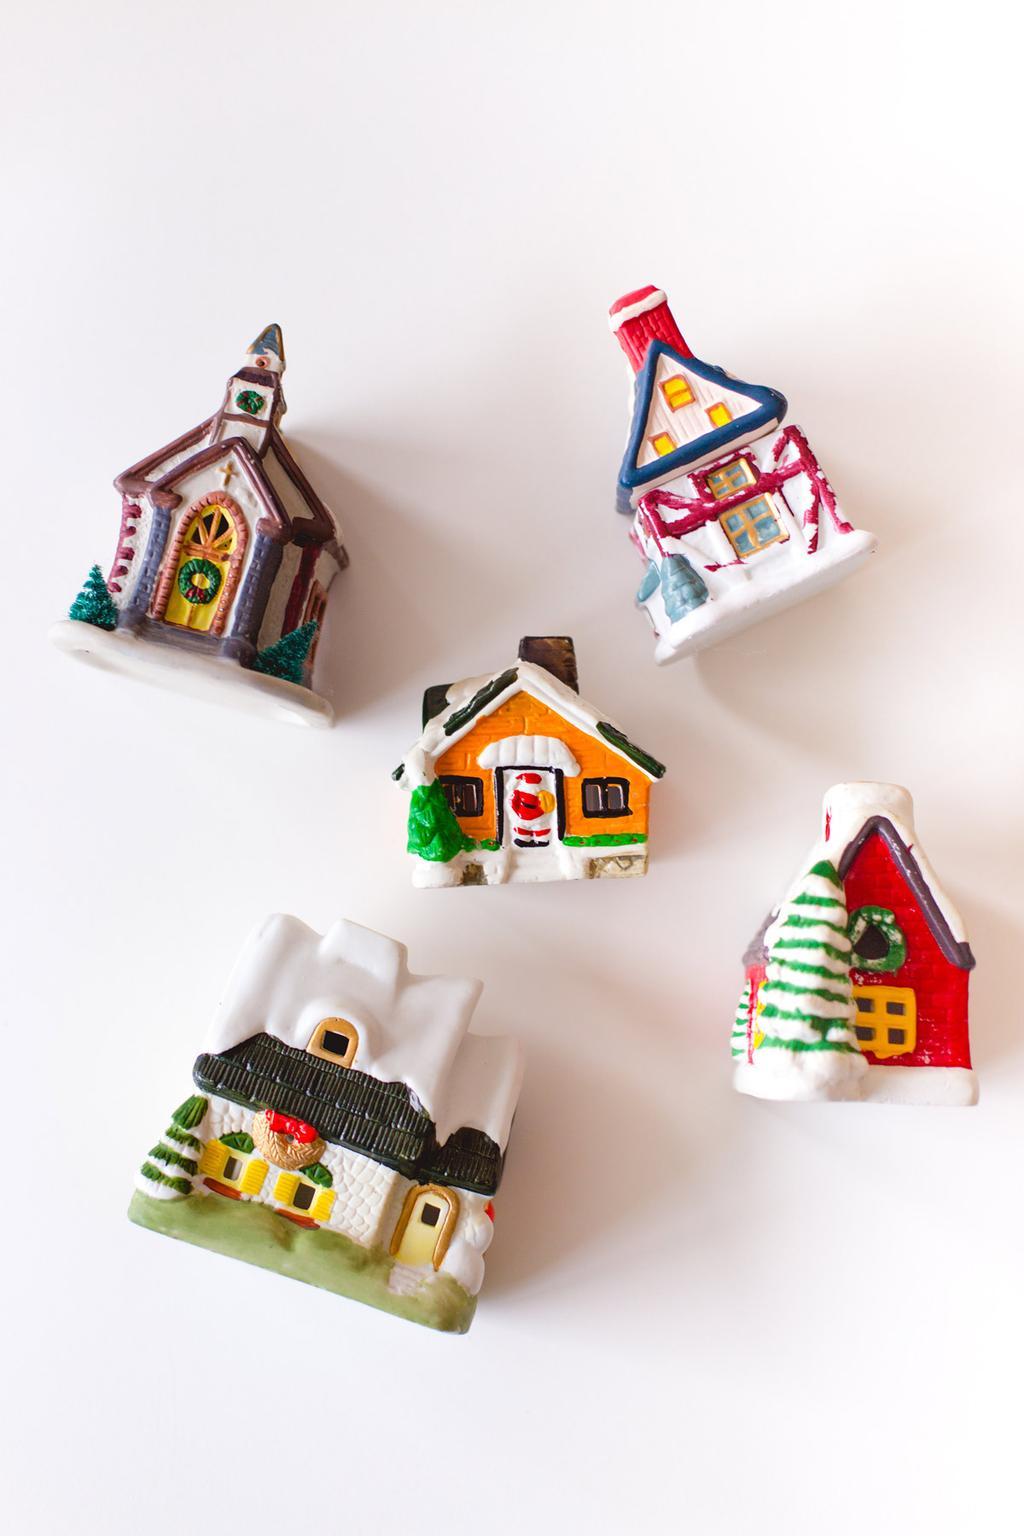 Kleurrijke kersthuisjes voor in een kerstdorp gevonden door blogger Oh Marie!